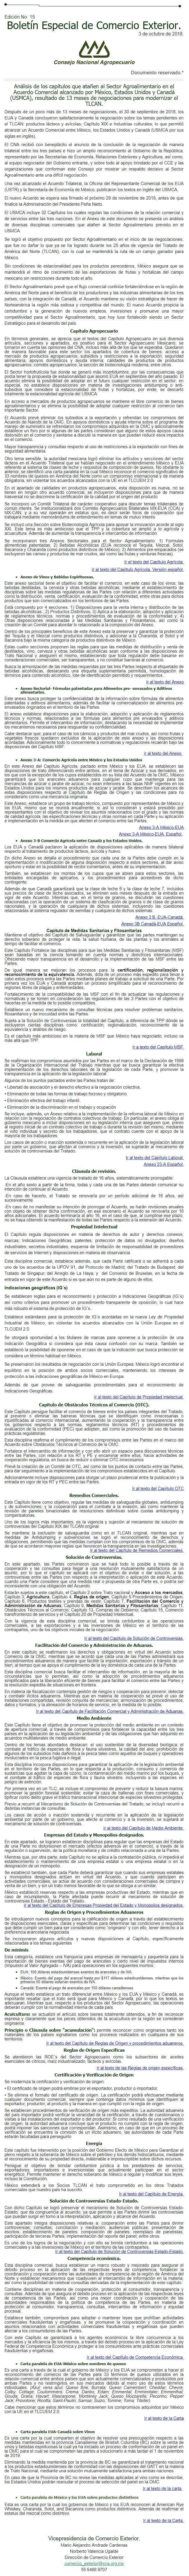 Comunicado Especial: El CNA recibe con beneplácito el anuncio de la conclusión de la negociación tri